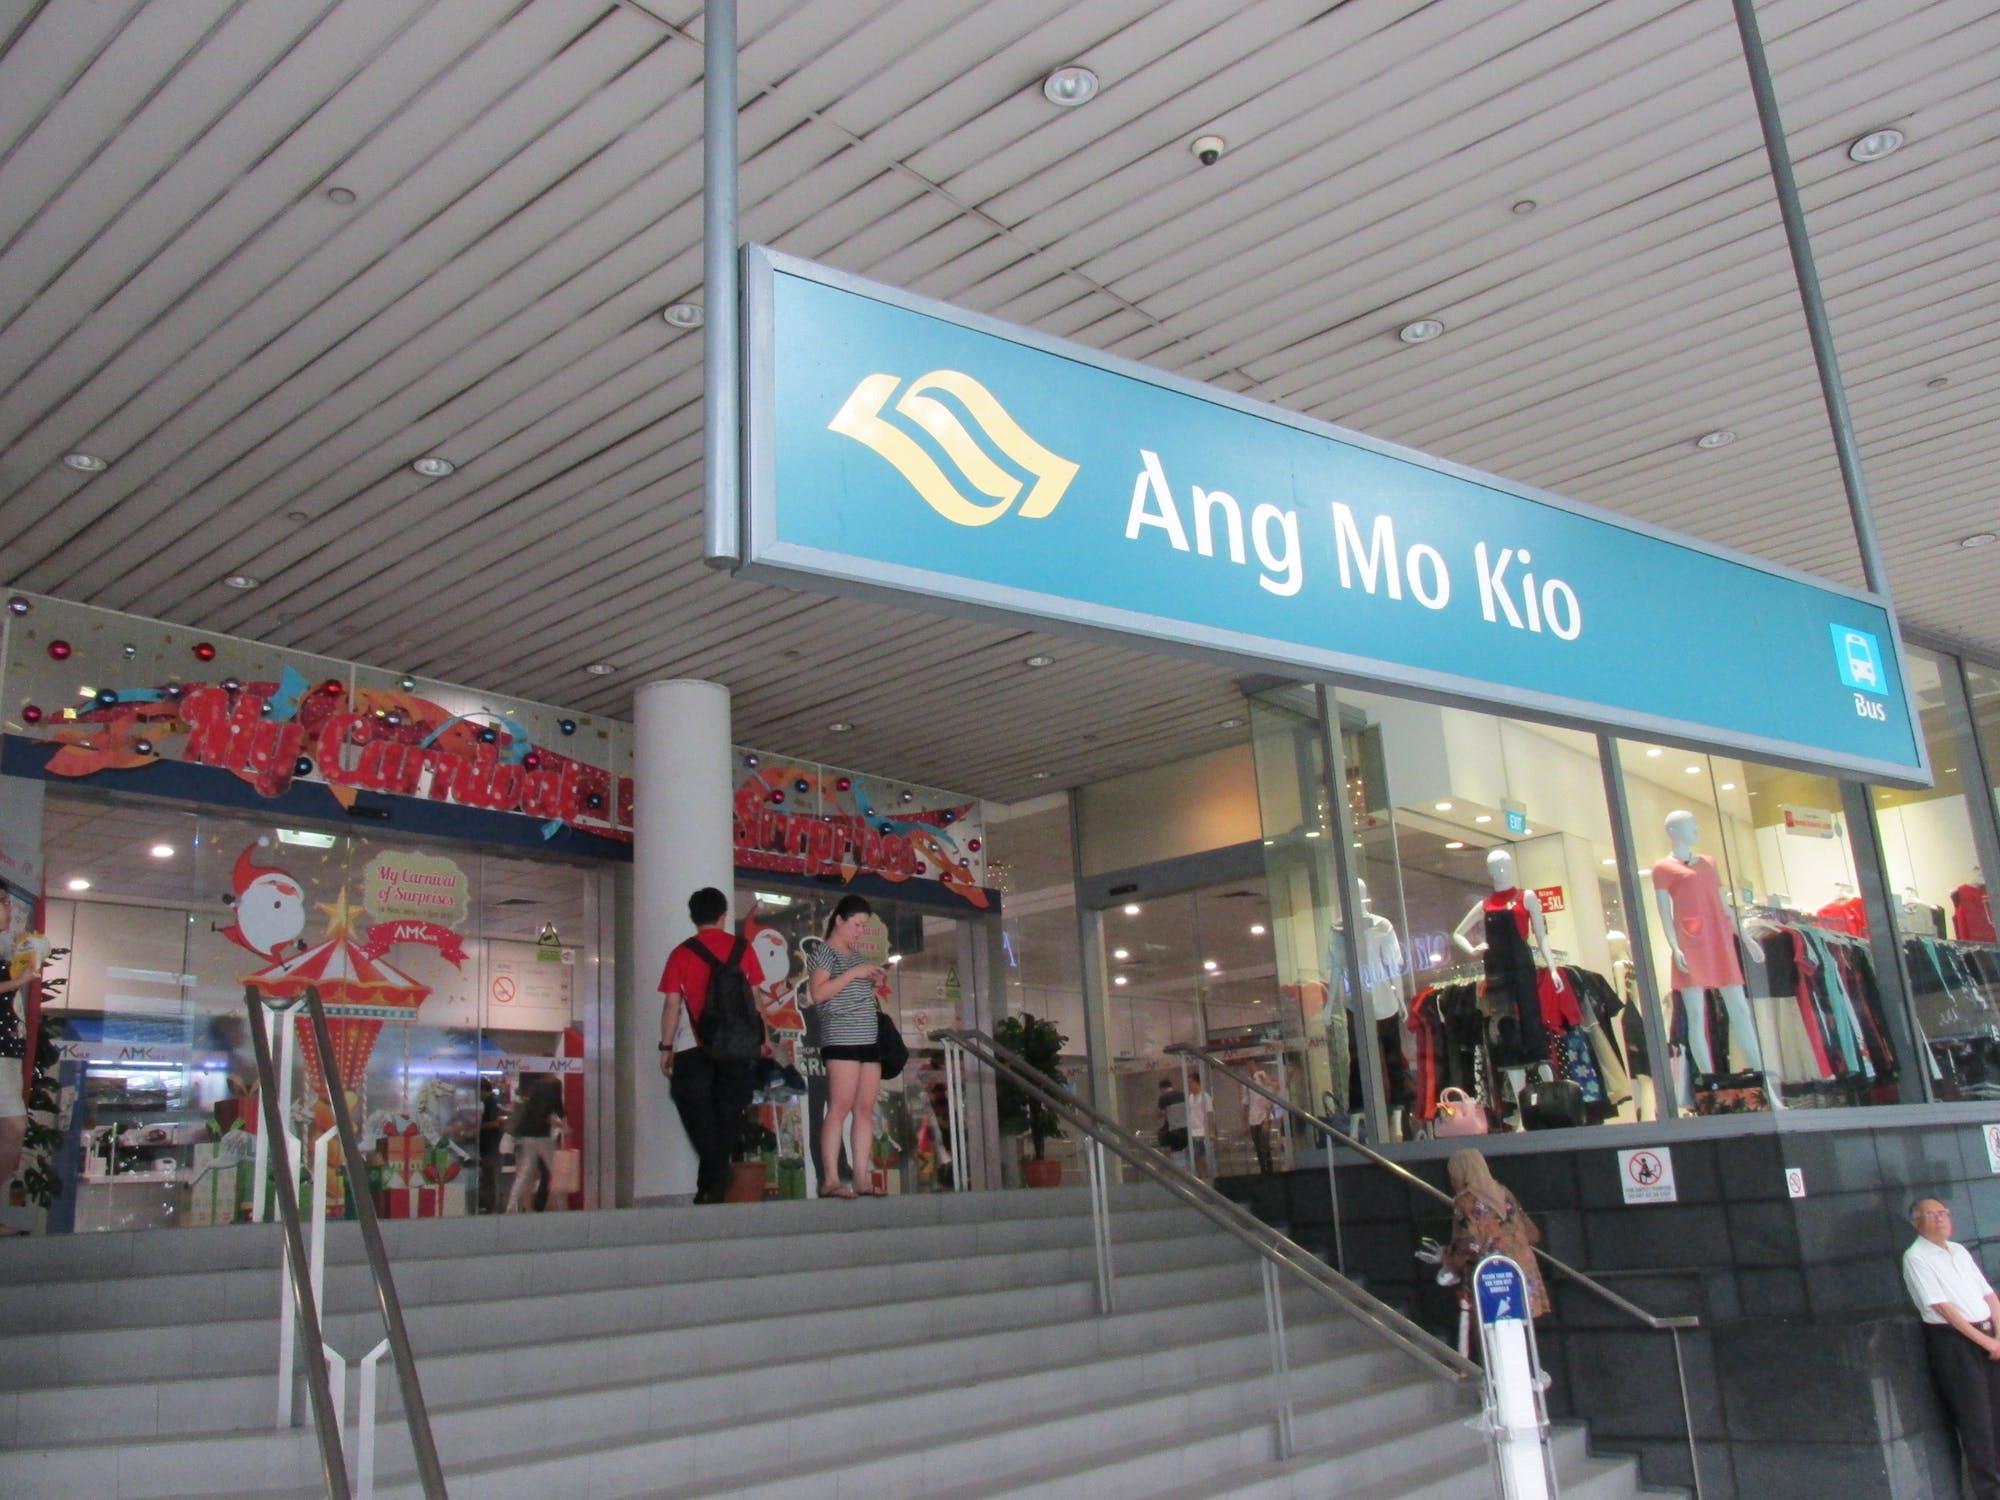 Ang Mo Kio MRT Station entrance